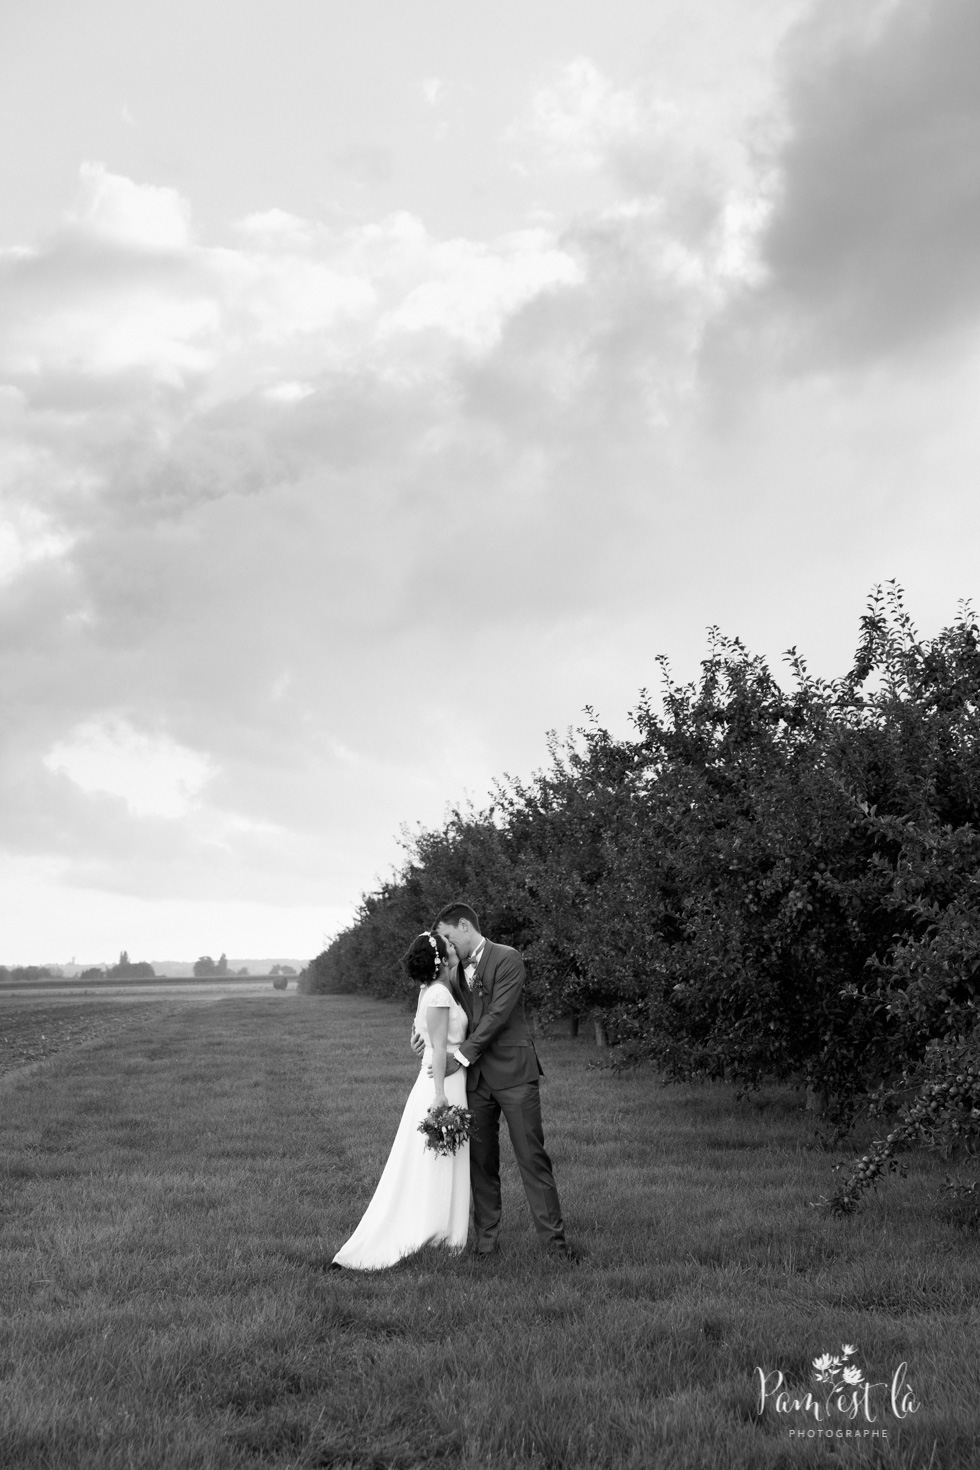 photographe-mariage-paris-grange-des-triples-pamestla-aurelie-clement-0771-2